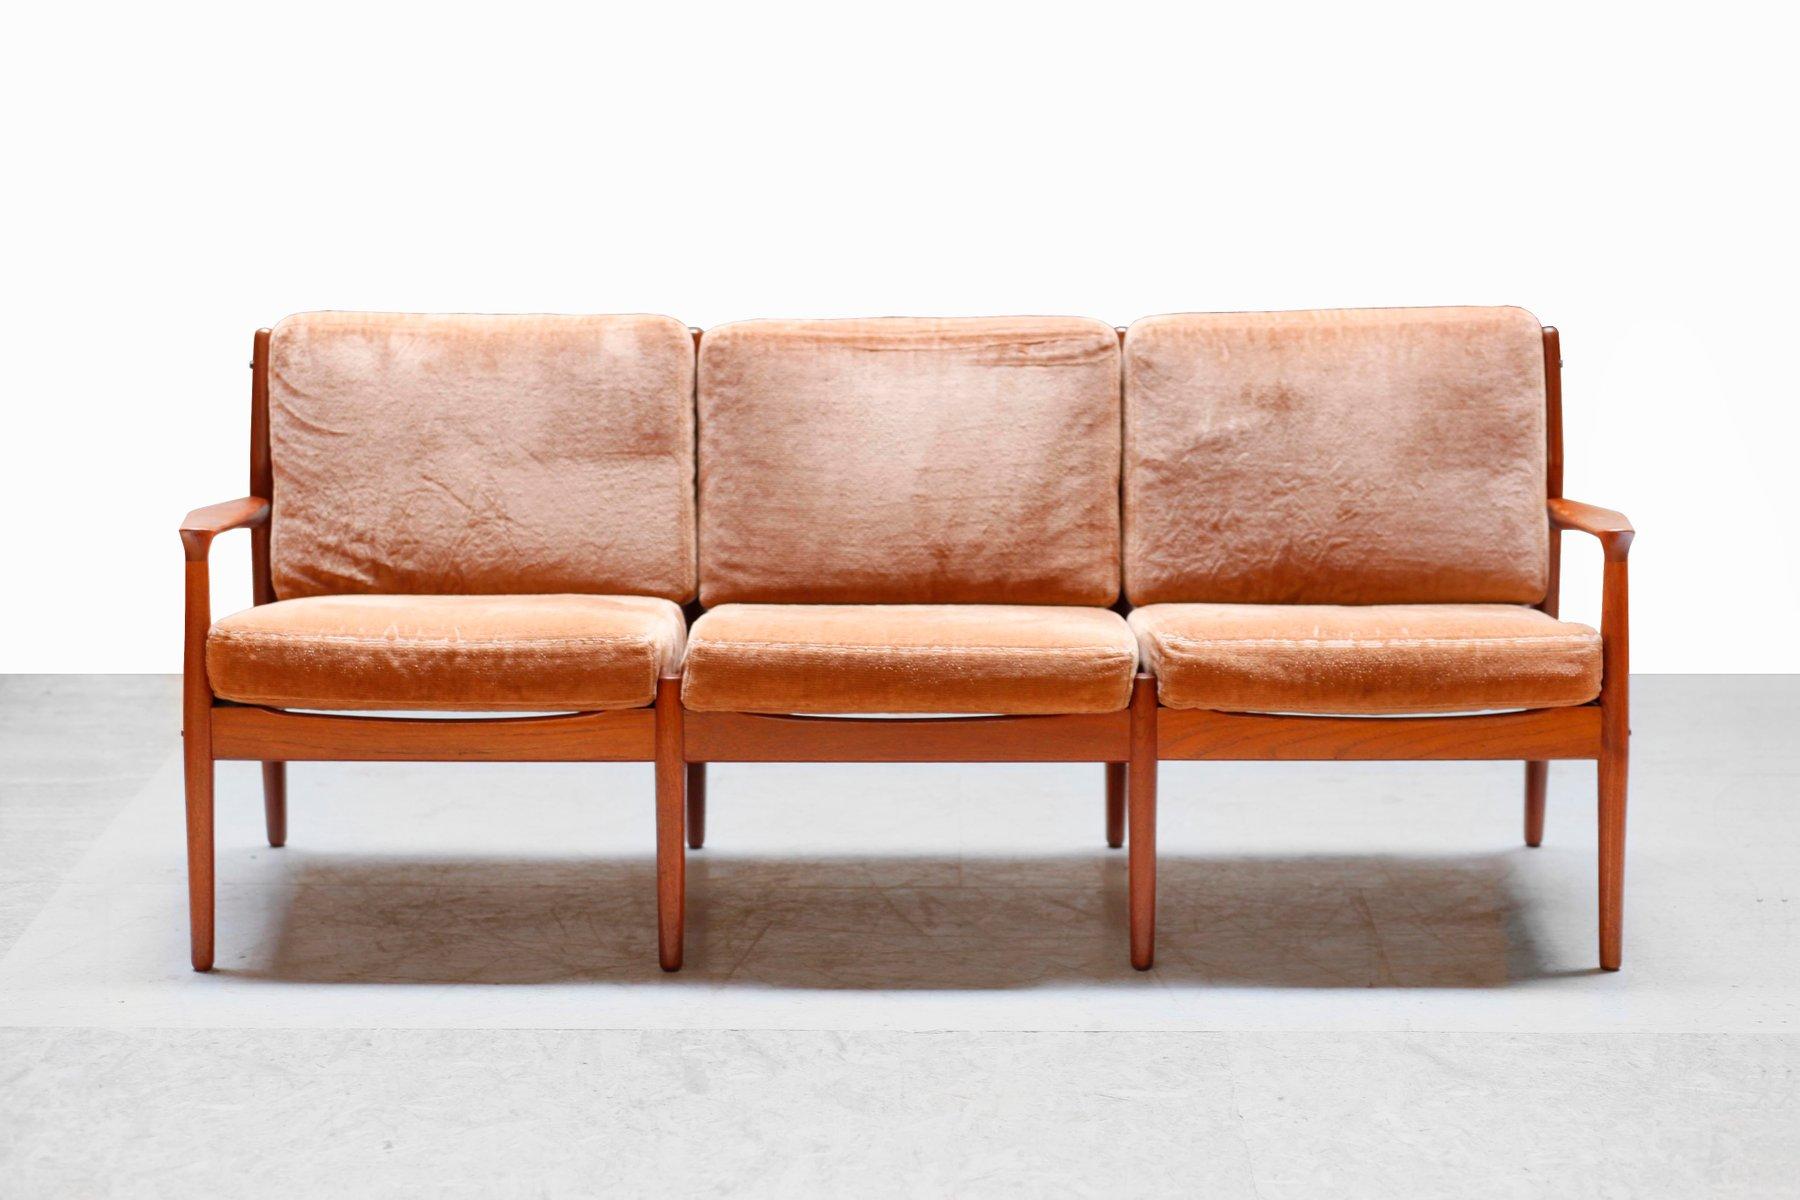 d nisches sofa von grete jalk f r glostrup 1960er bei pamono kaufen. Black Bedroom Furniture Sets. Home Design Ideas